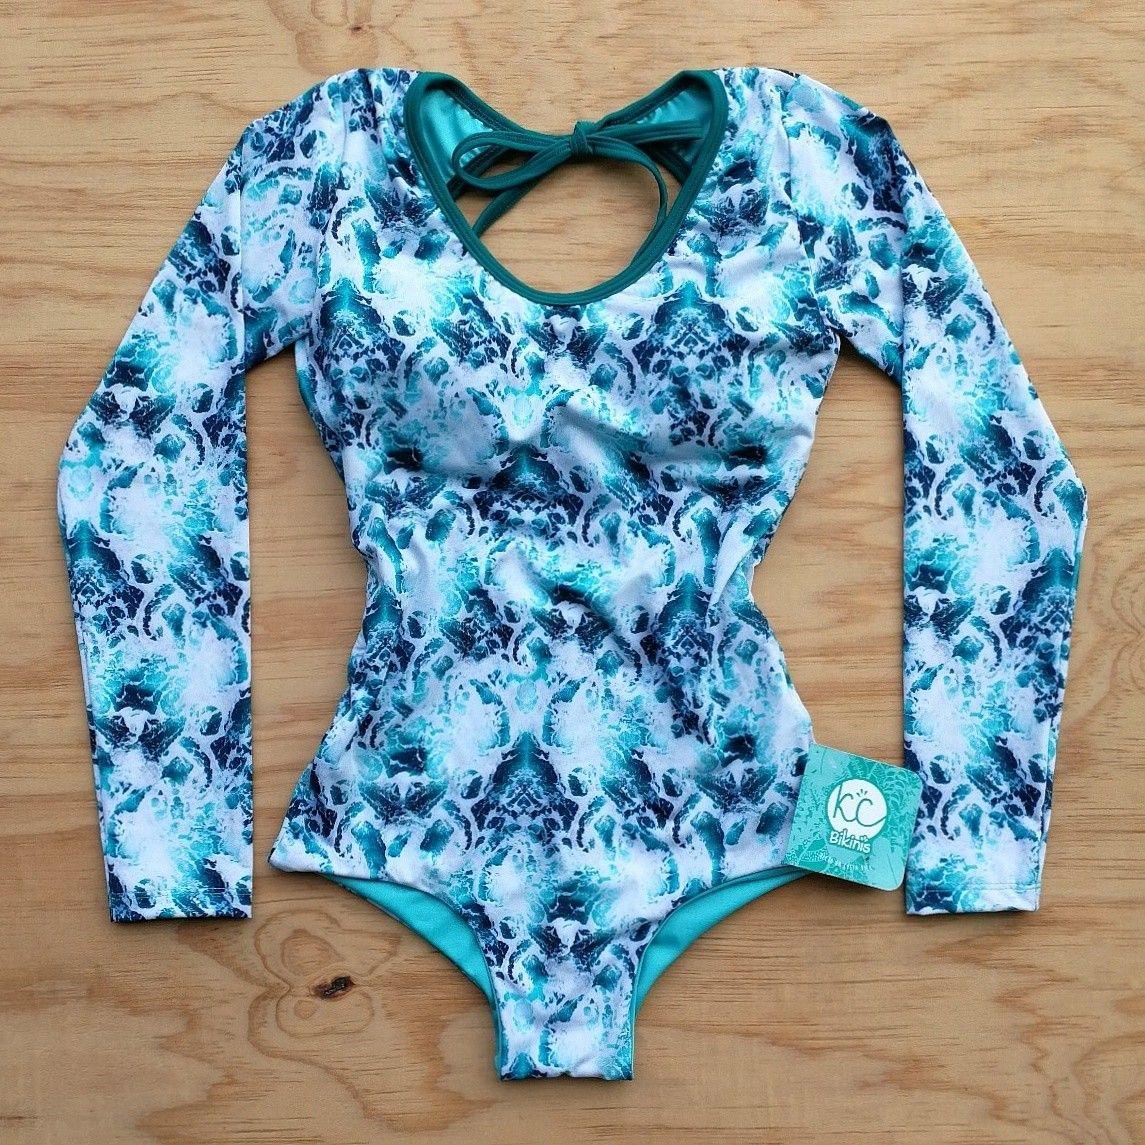 67726d2e38375 Traje de baño entero manga larga con protección solar factor 50  kcbikinis   madeincostarica  swimwear  upf50  costarica